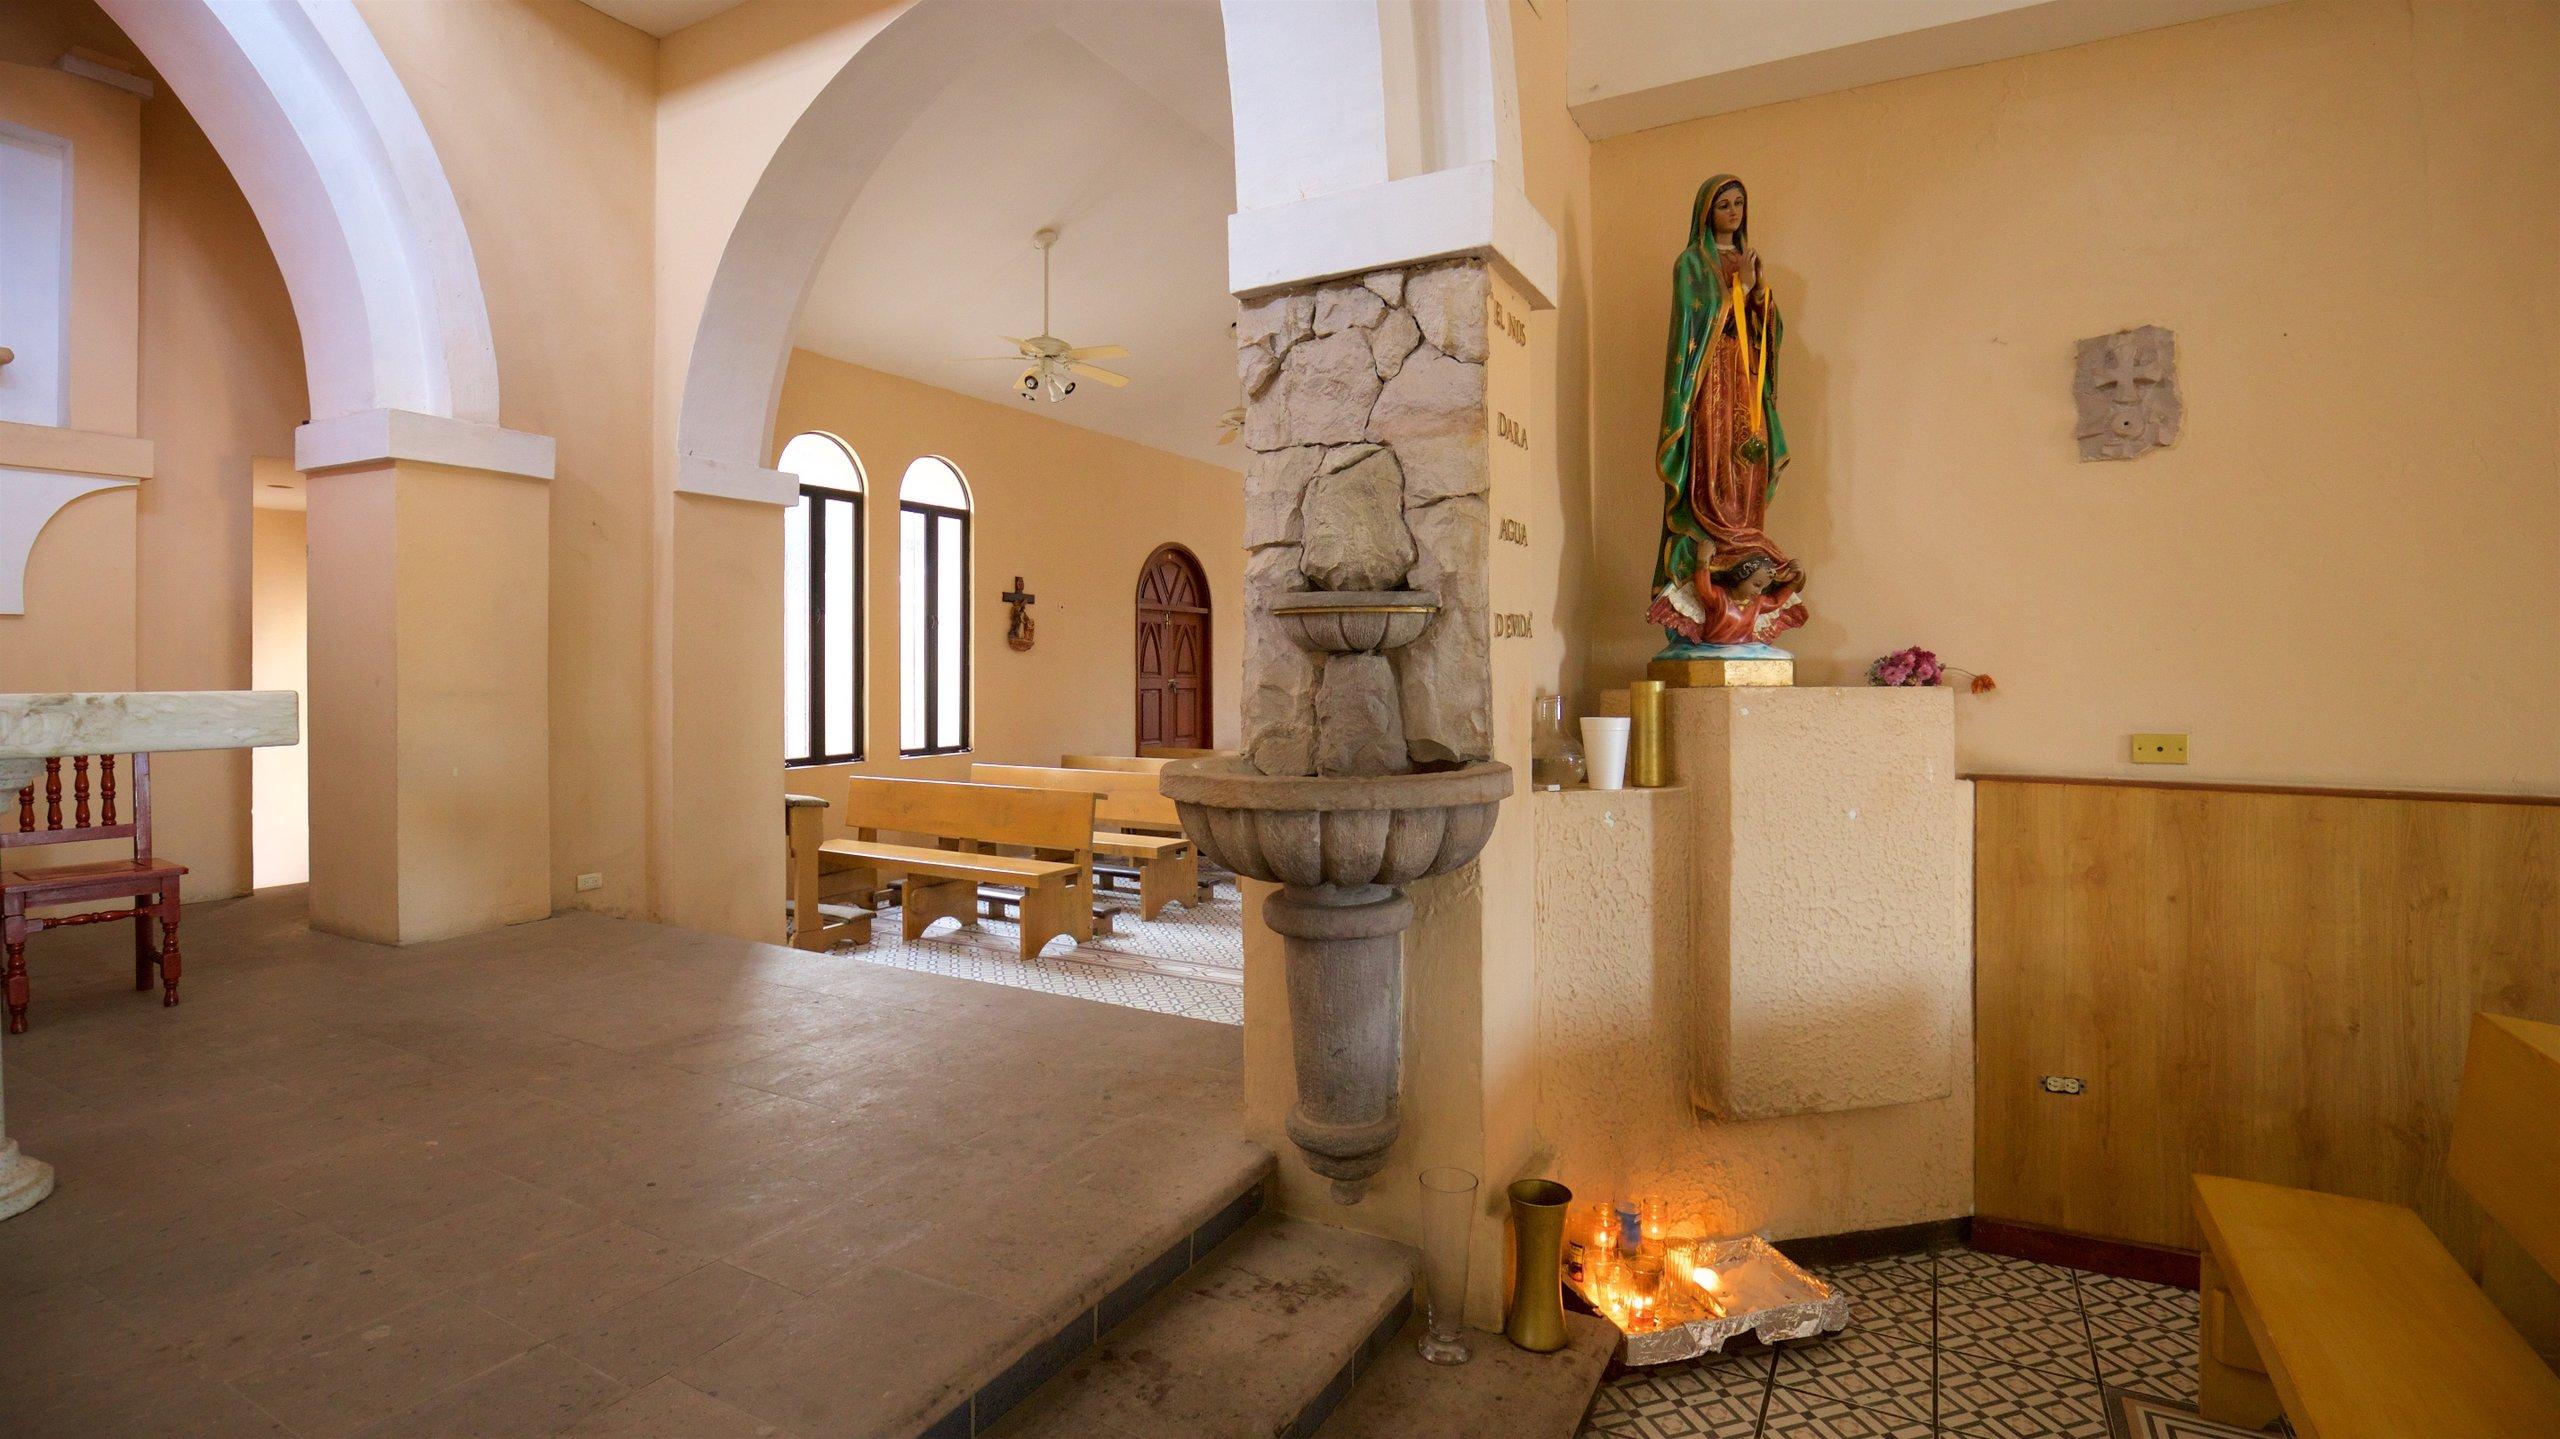 Iglesia Catolica de San Lucas, Los Cabos, Baja California Sur/Süden der Baja California, Mexiko